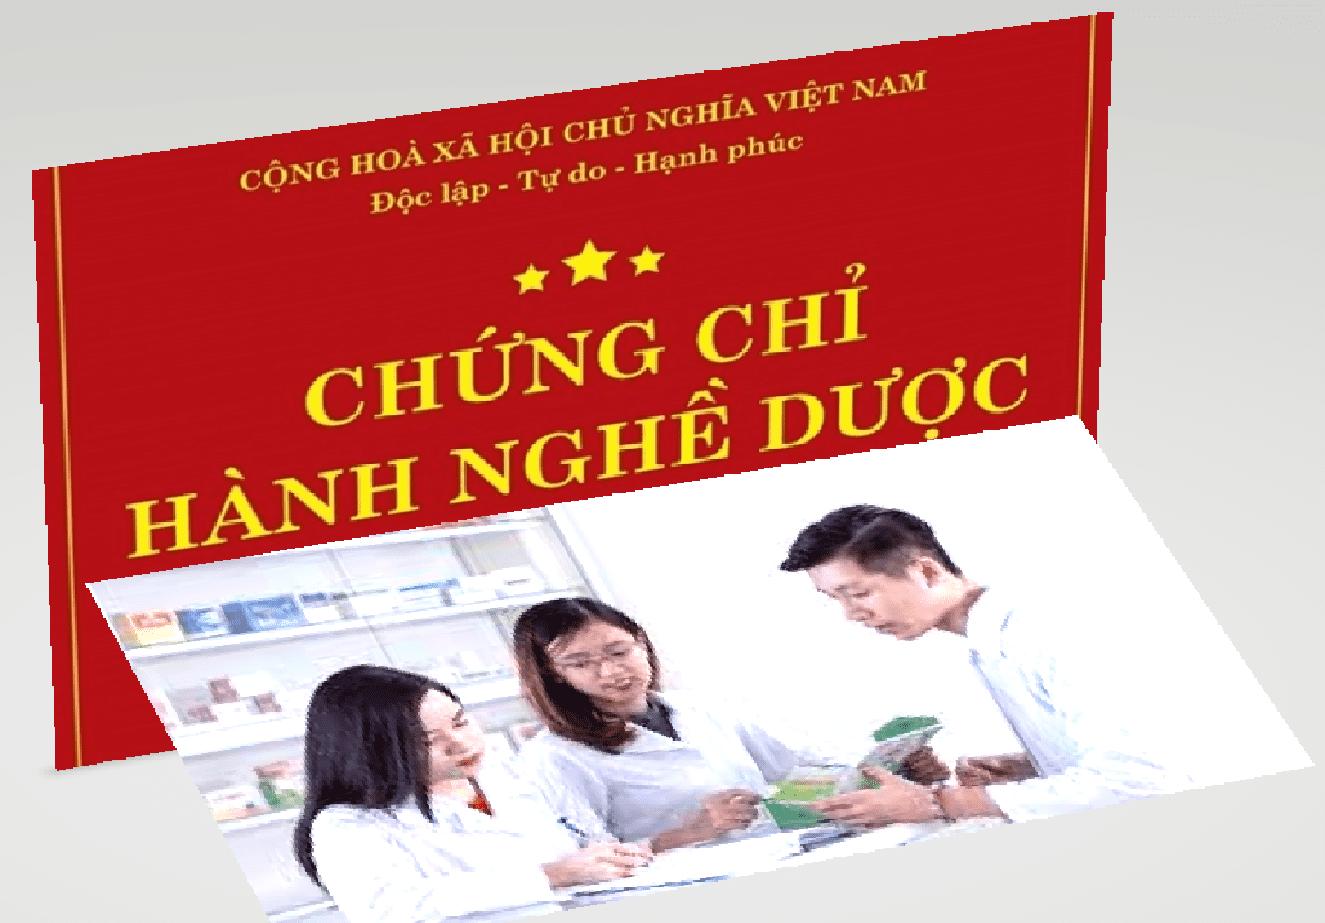 Dịch vụ, Hồ sơ, Thủ tục làm chứng chỉ hành nghề Dược